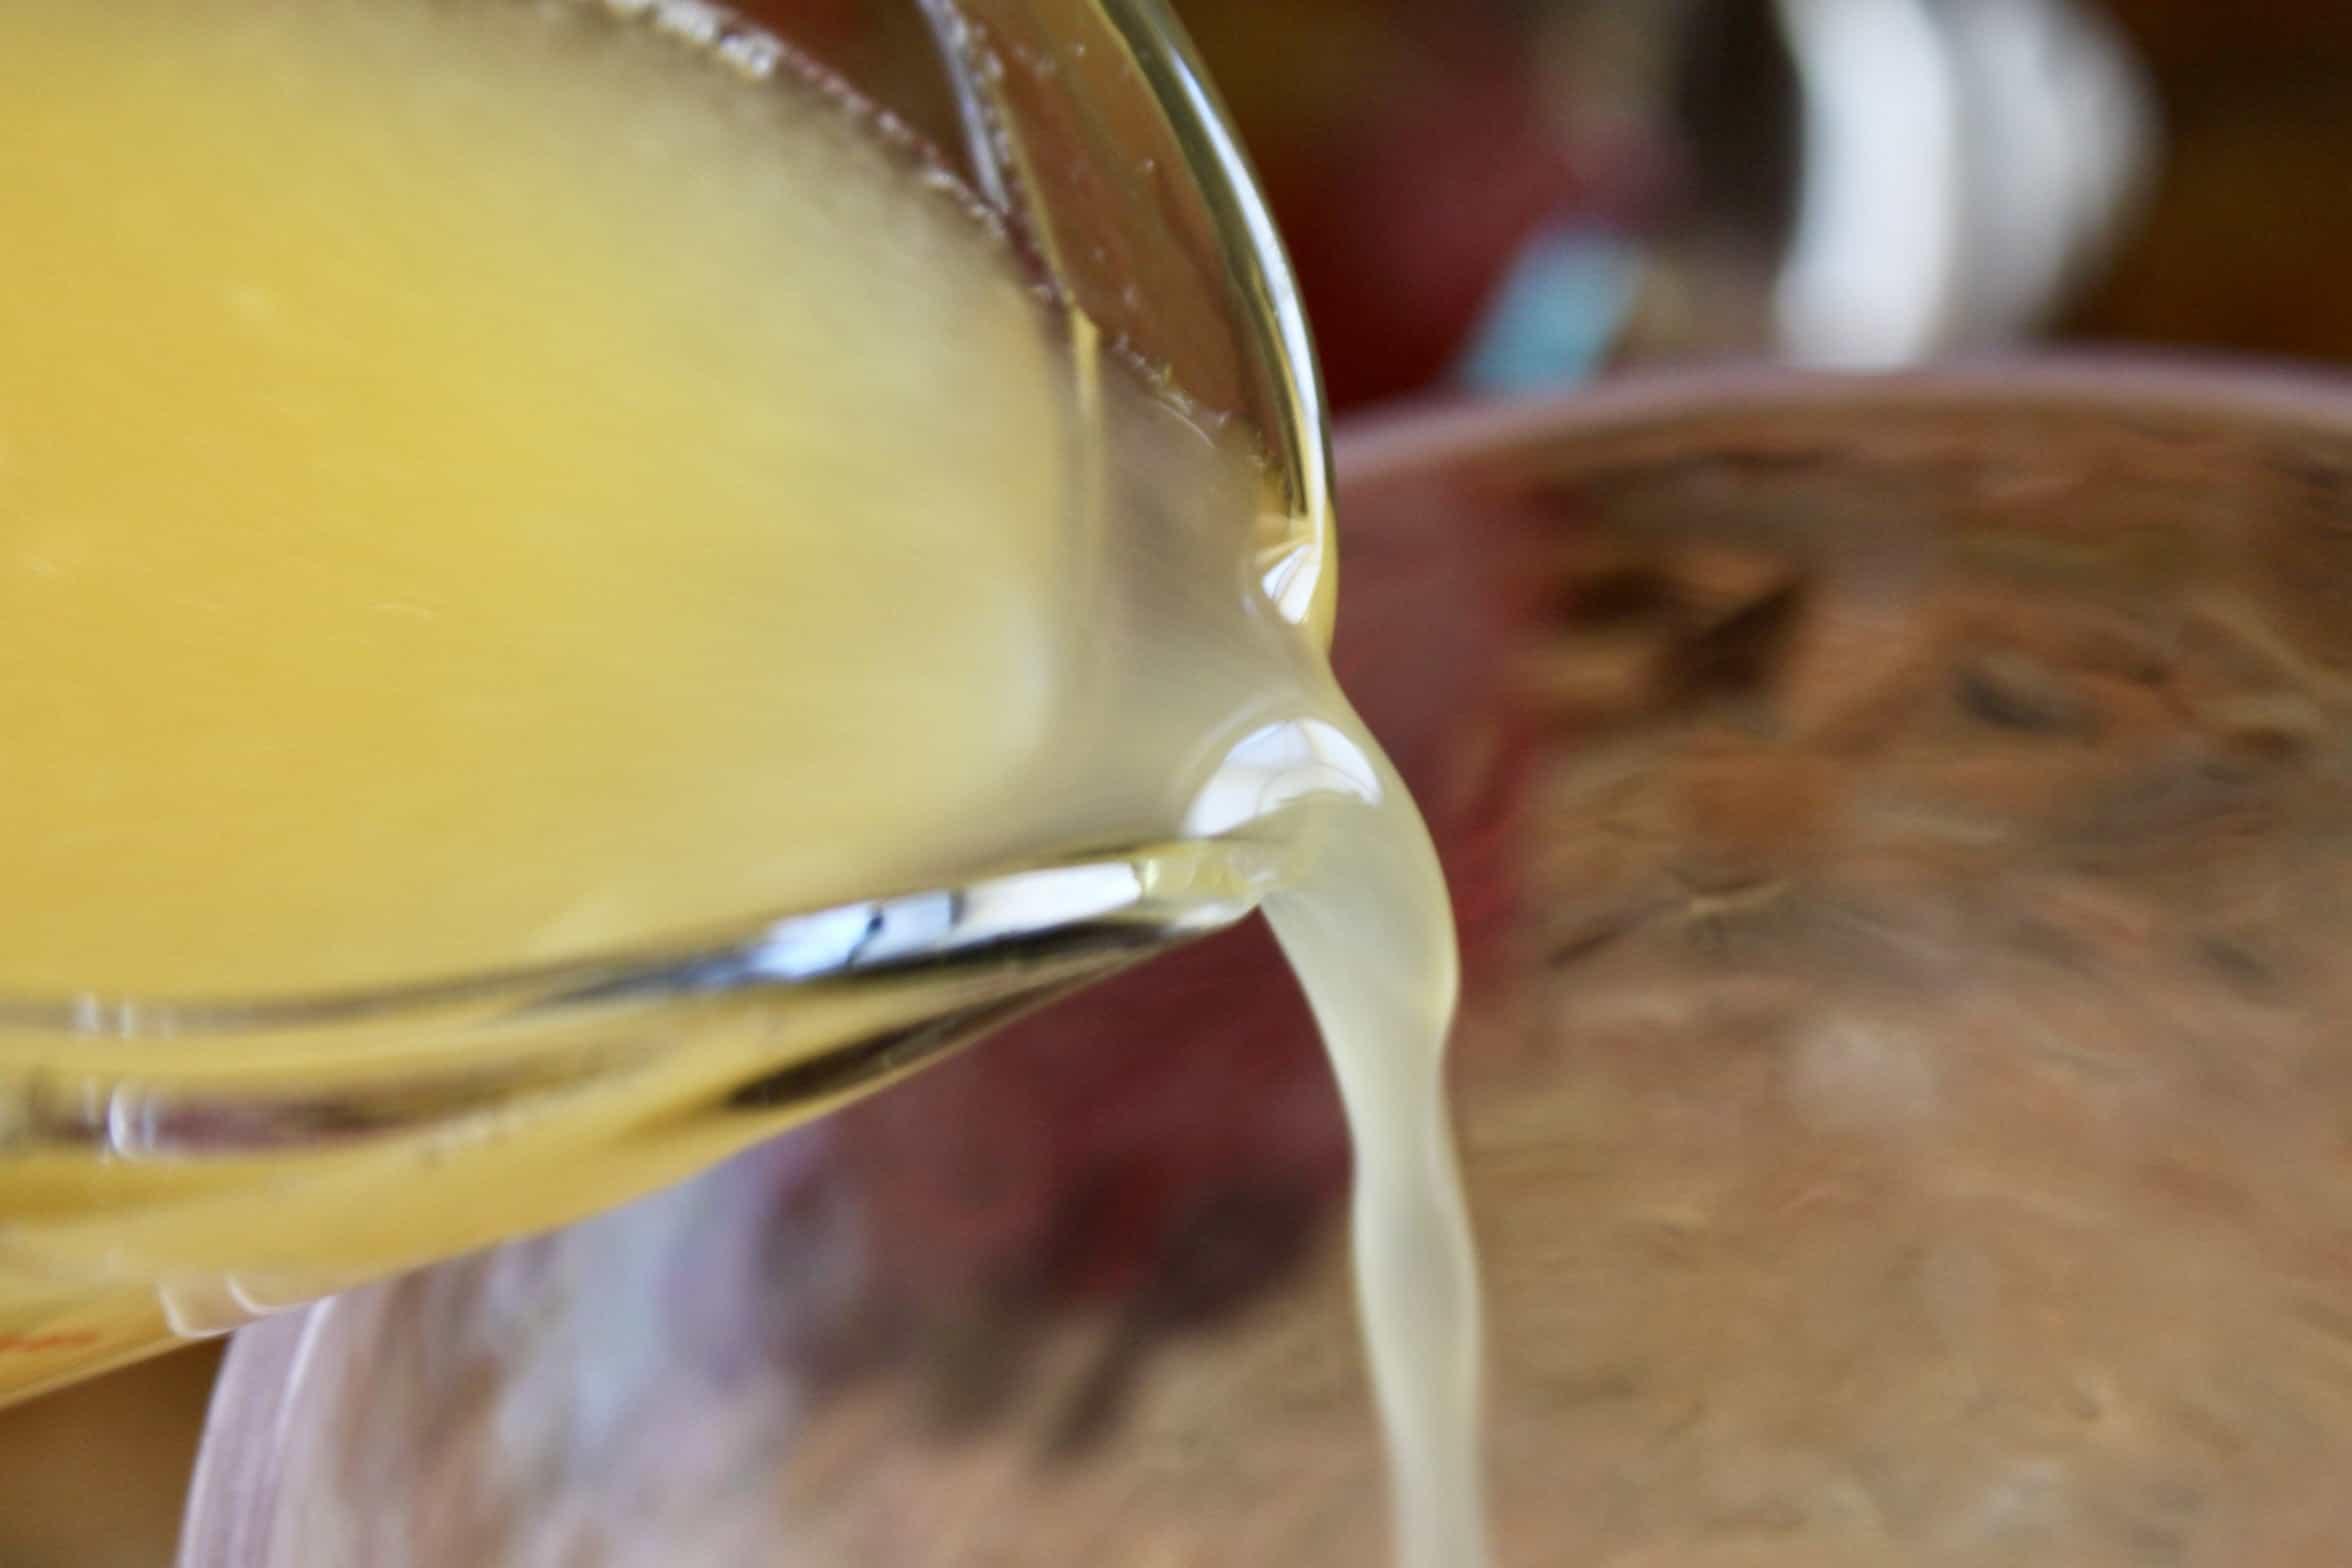 pouring lemon juice